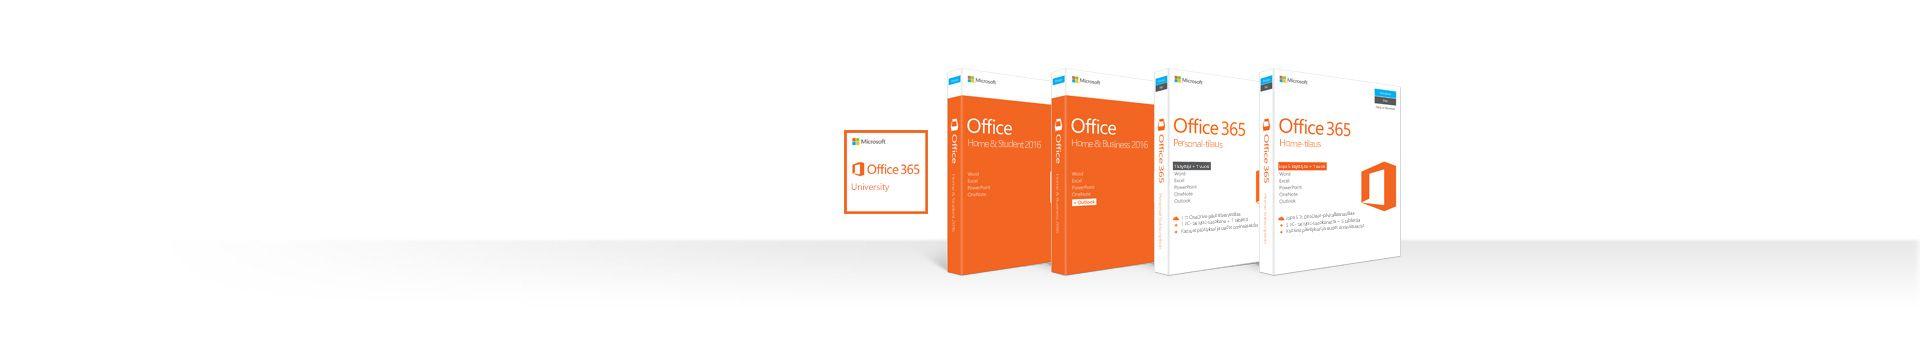 Mac-tietokoneiden Office 2016- ja Office 365 -tuotteita sisältävien laatikoiden rivi